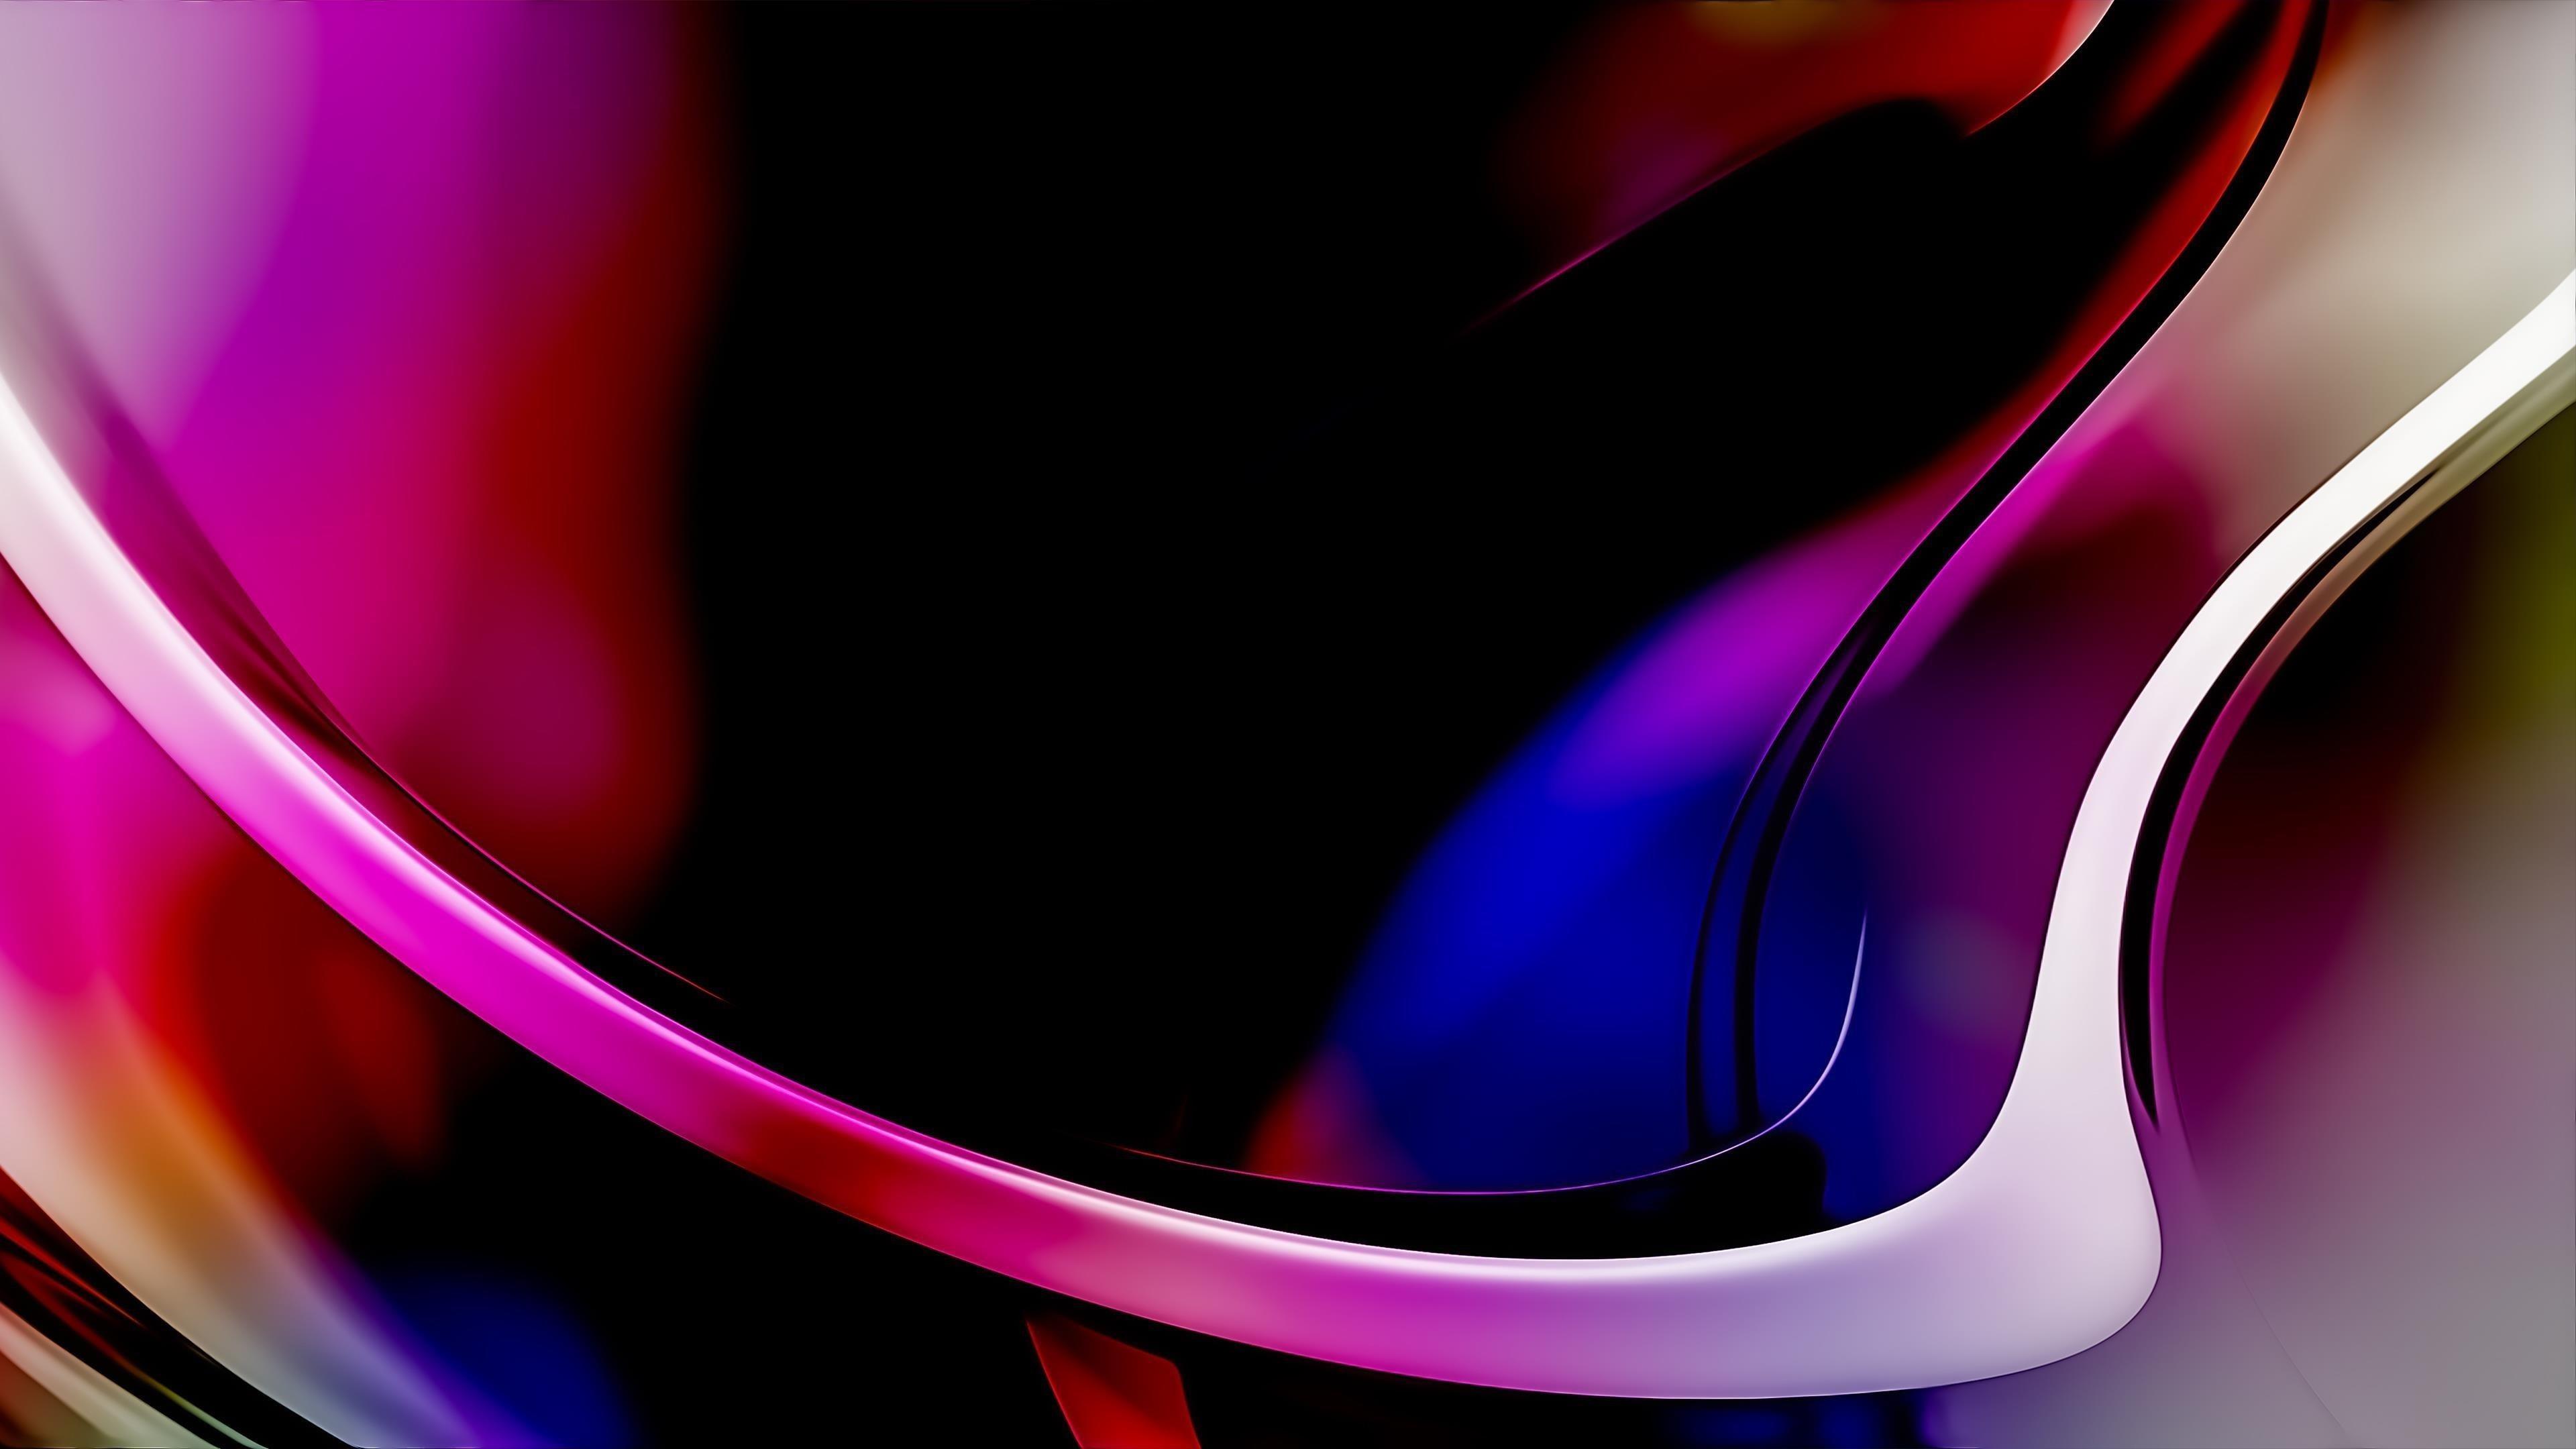 Фрактал фиолетовый синий абстрактный формы обои скачать